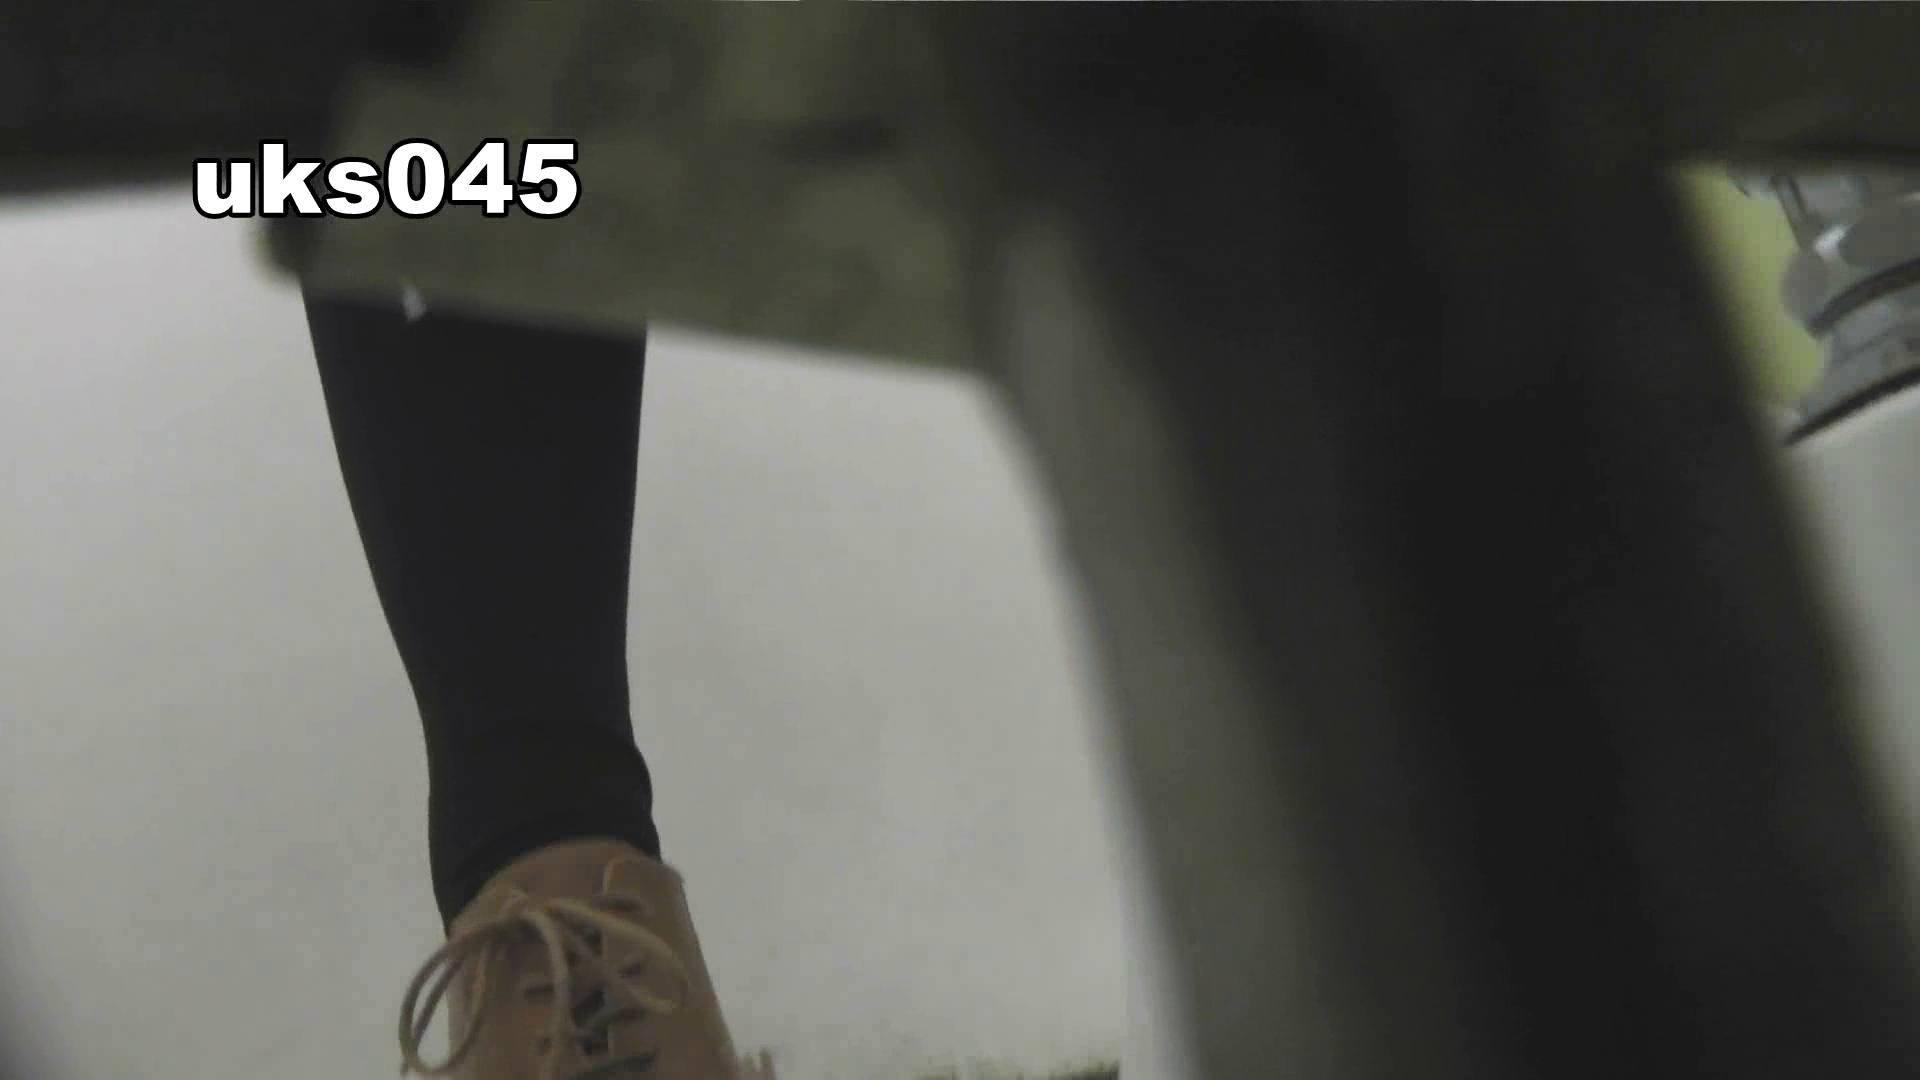 【美しき個室な世界】vol.045 みんなモリモリ 高画質  57PIX 11